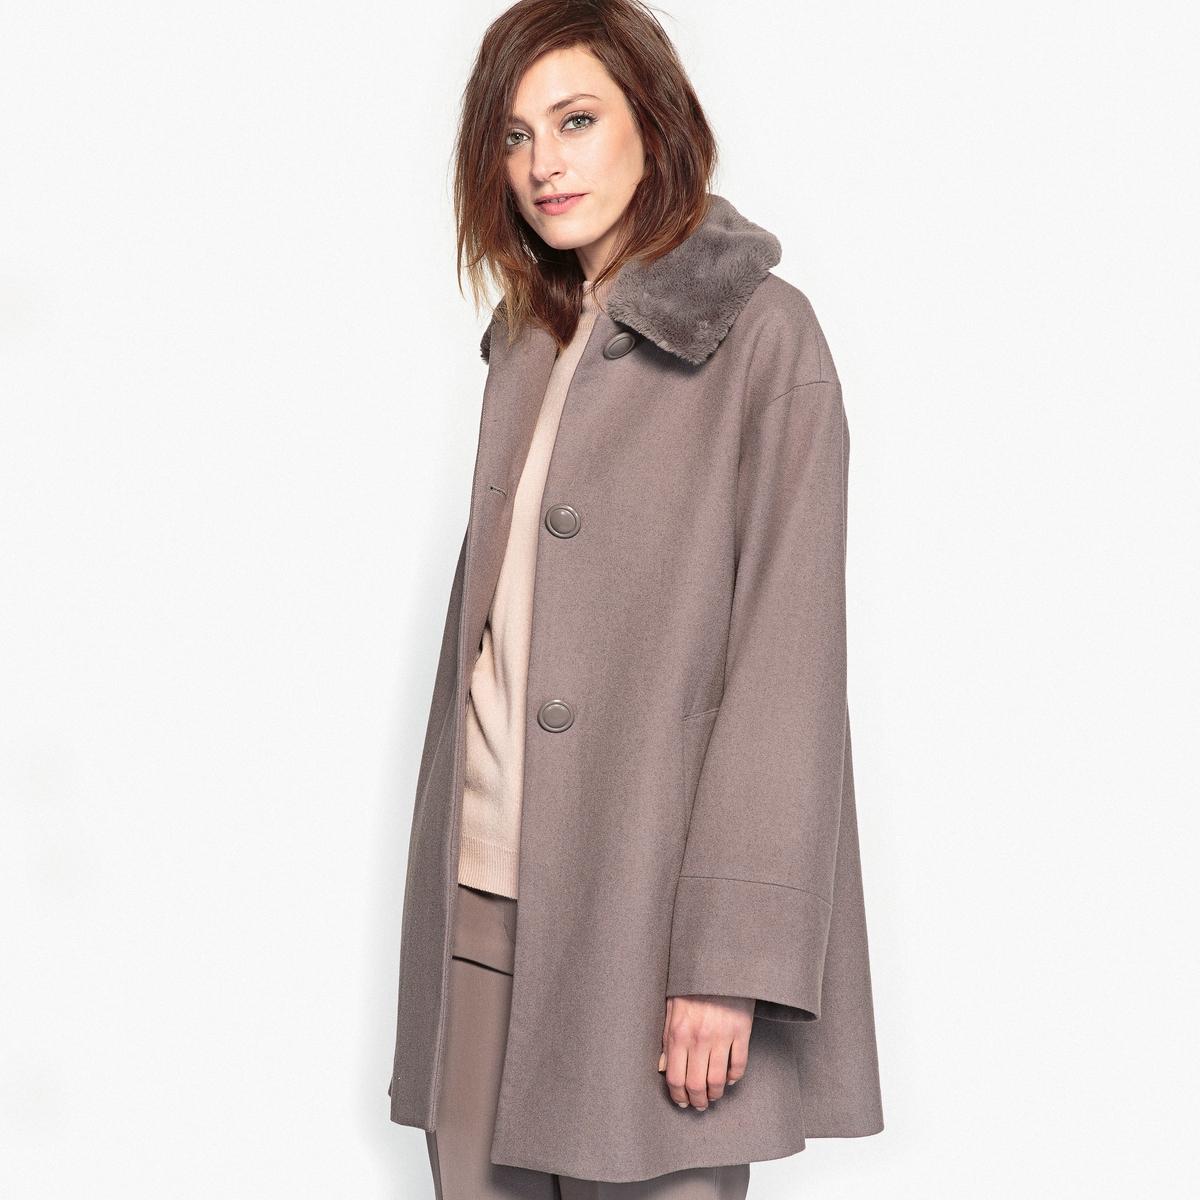 Пальто расклешённое с воротником с искусственным мехом пальто из меха норки с отделкой мехом енота